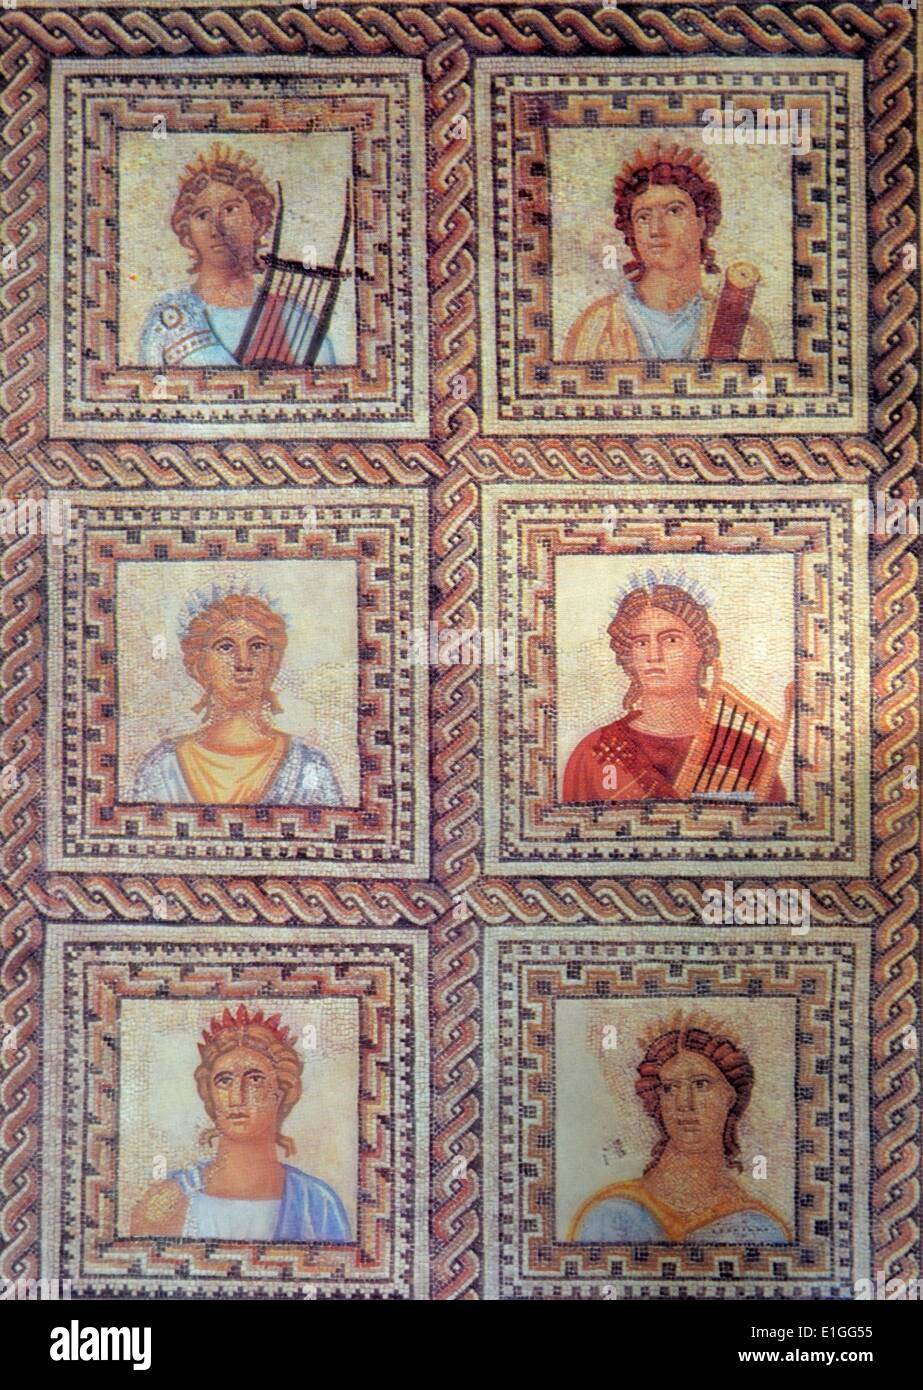 Mosaik von der griechischen Göttin der Kunst, Geschichte, Musik und Poesie. Vom 1. Jahrhundert v. Chr. Stockbild